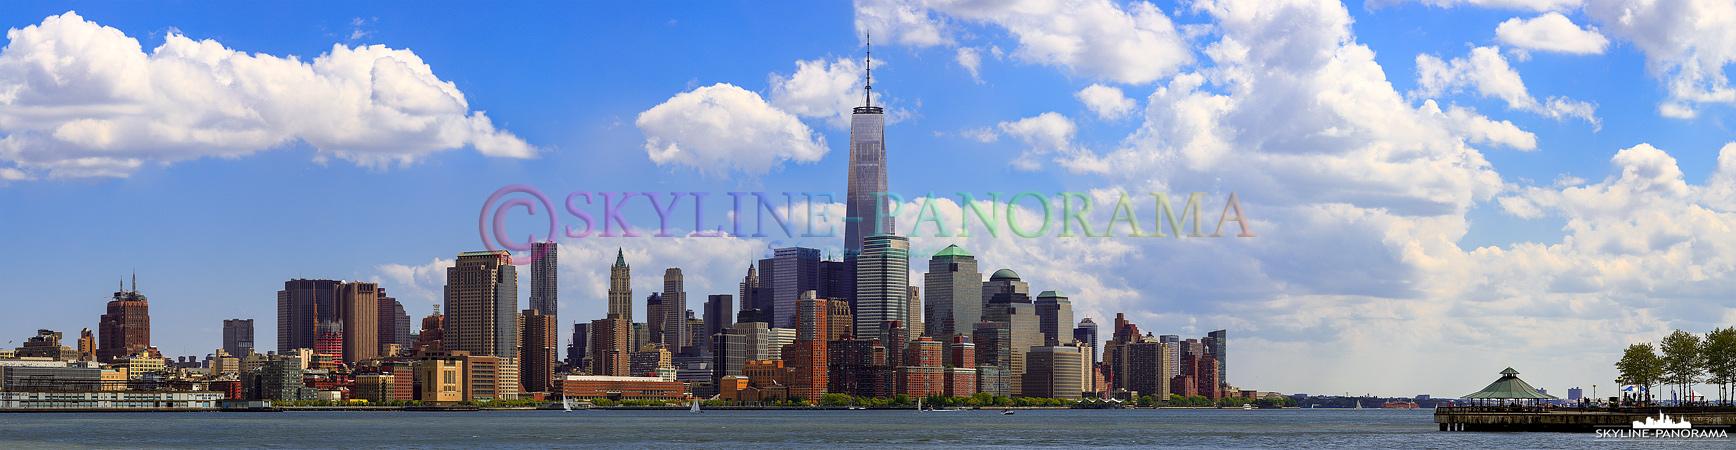 Manhattan Financial District - Das fertig gestellte One World Trade Center 1 ist mit 541,3 Meter der höchste Wolkenkratzer von New York, den Vereinigten Saaten von Amerika und zur Zeit das vierthöchste Gebäude der Welt. Dieses Panorama zeigt die Südspitze von Manhattan am Tag von Hoboken aus gesehen.